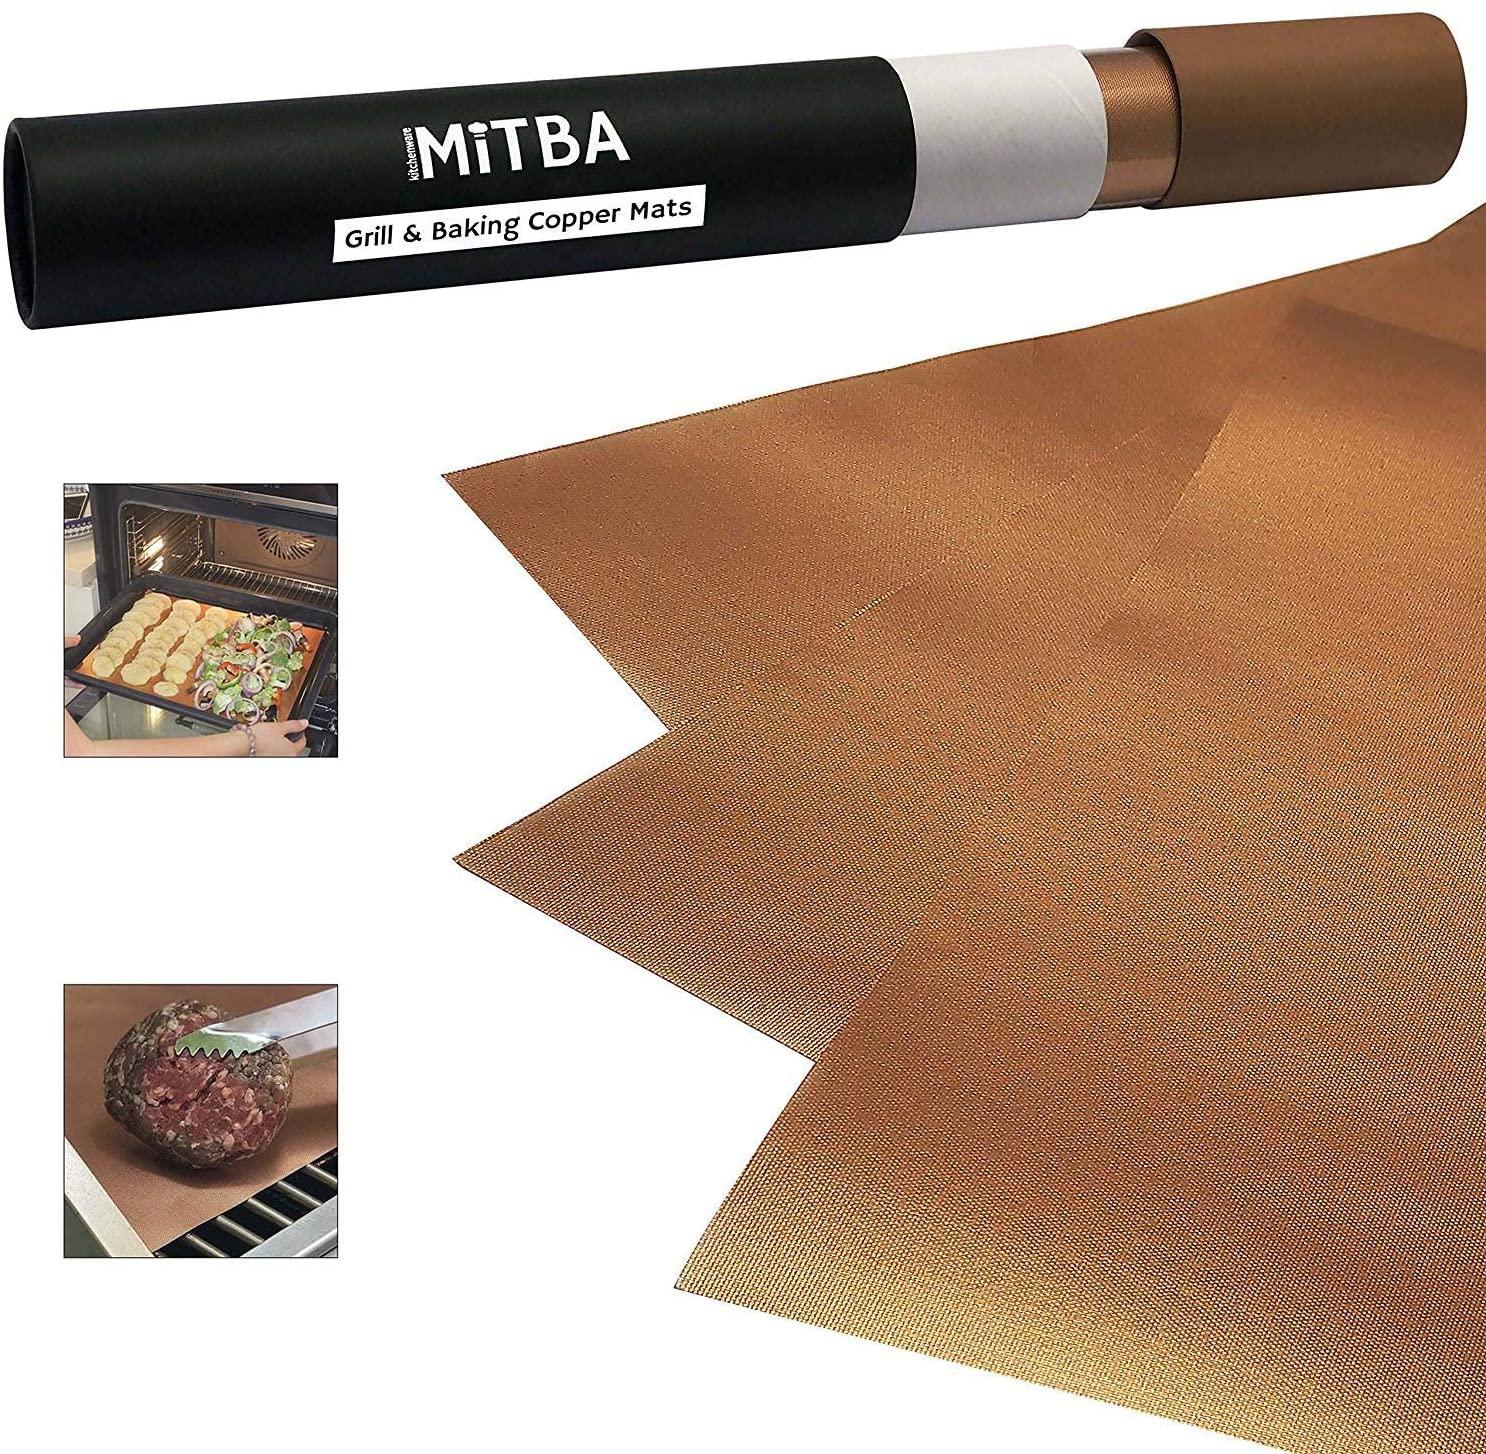 Mitba copper grill mats